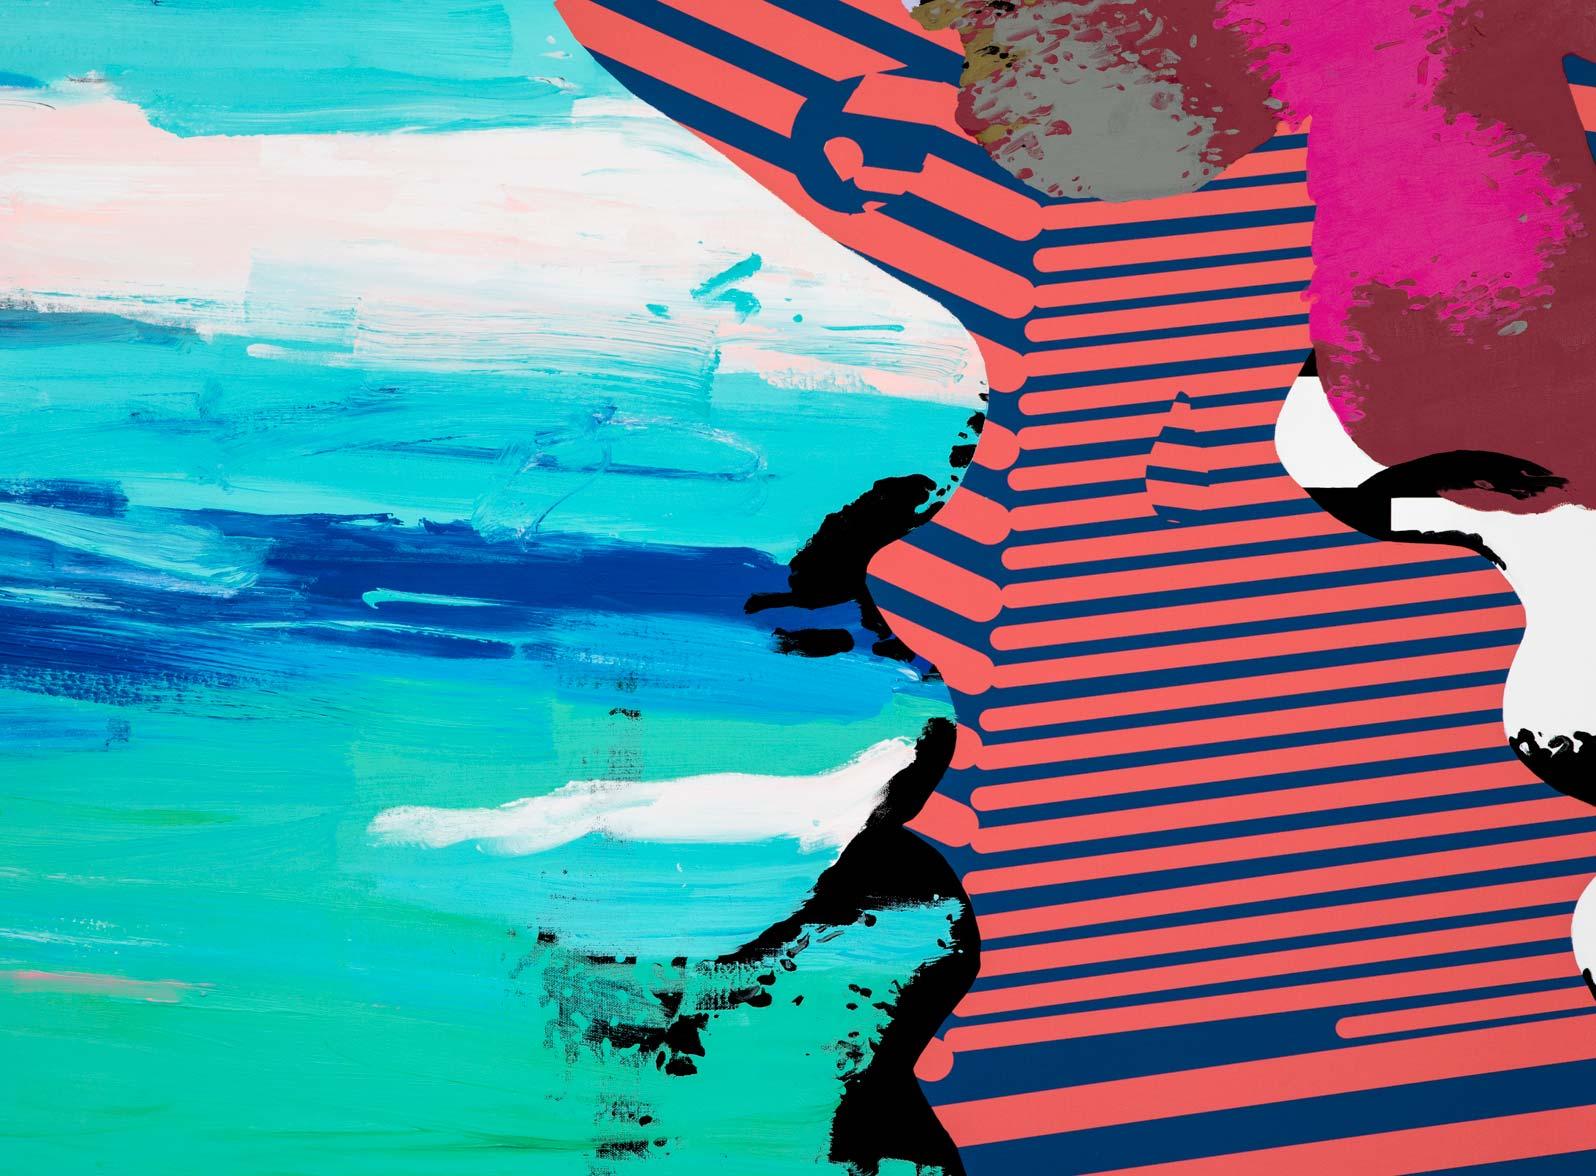 Anca Stefanescu | Contemporary Creative Painter, Defenselessness